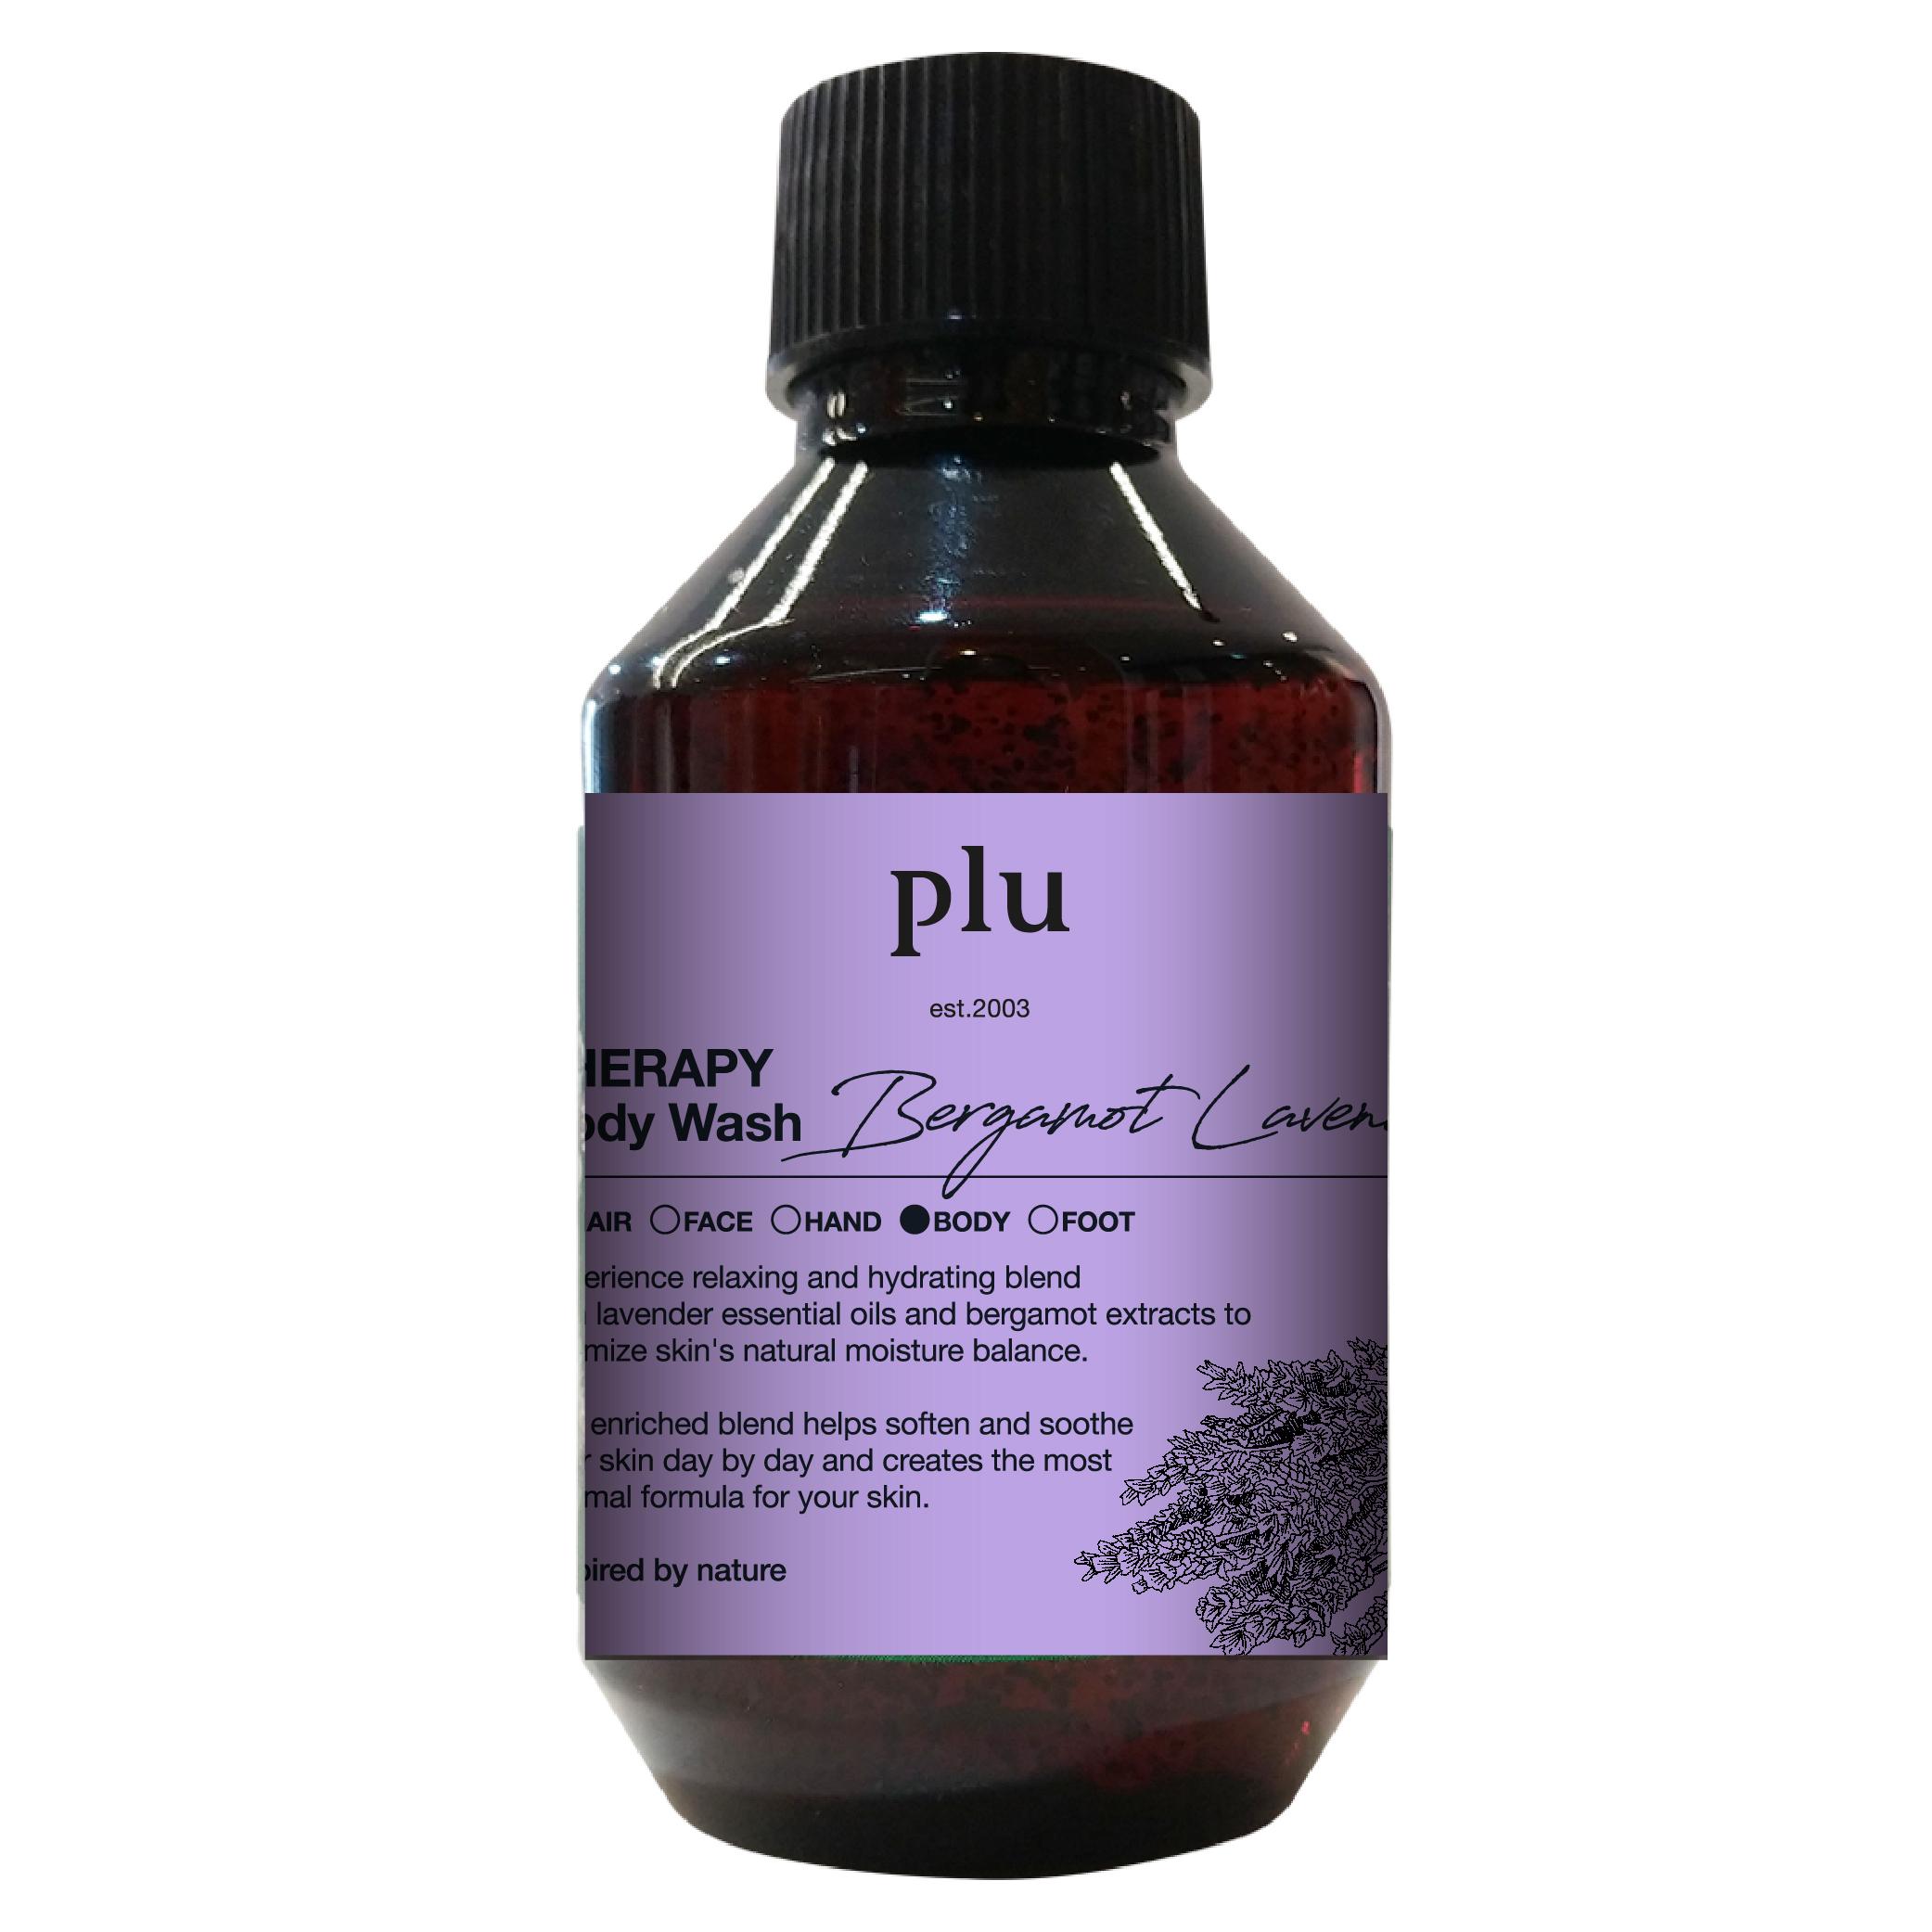 Plu-韓國佛手柑薰衣草沐浴露-500g